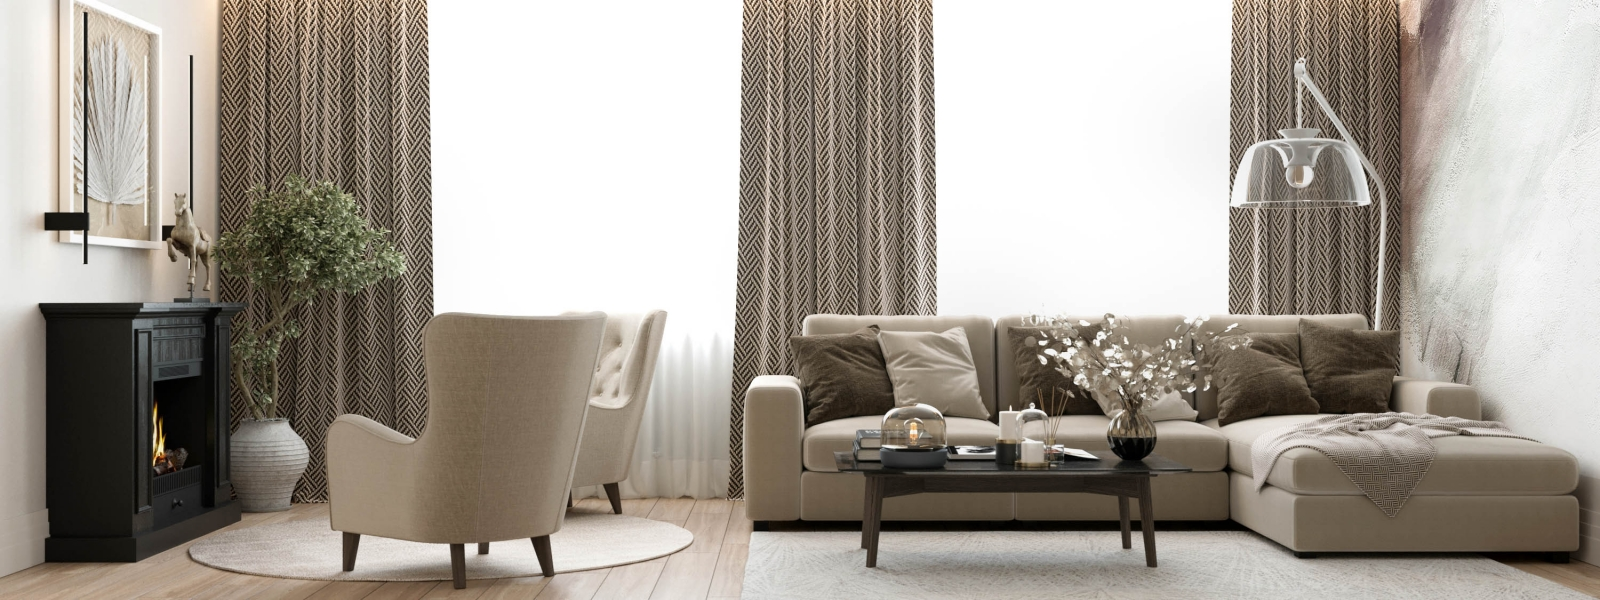 work-Проект интерьера квартиры «Нега»